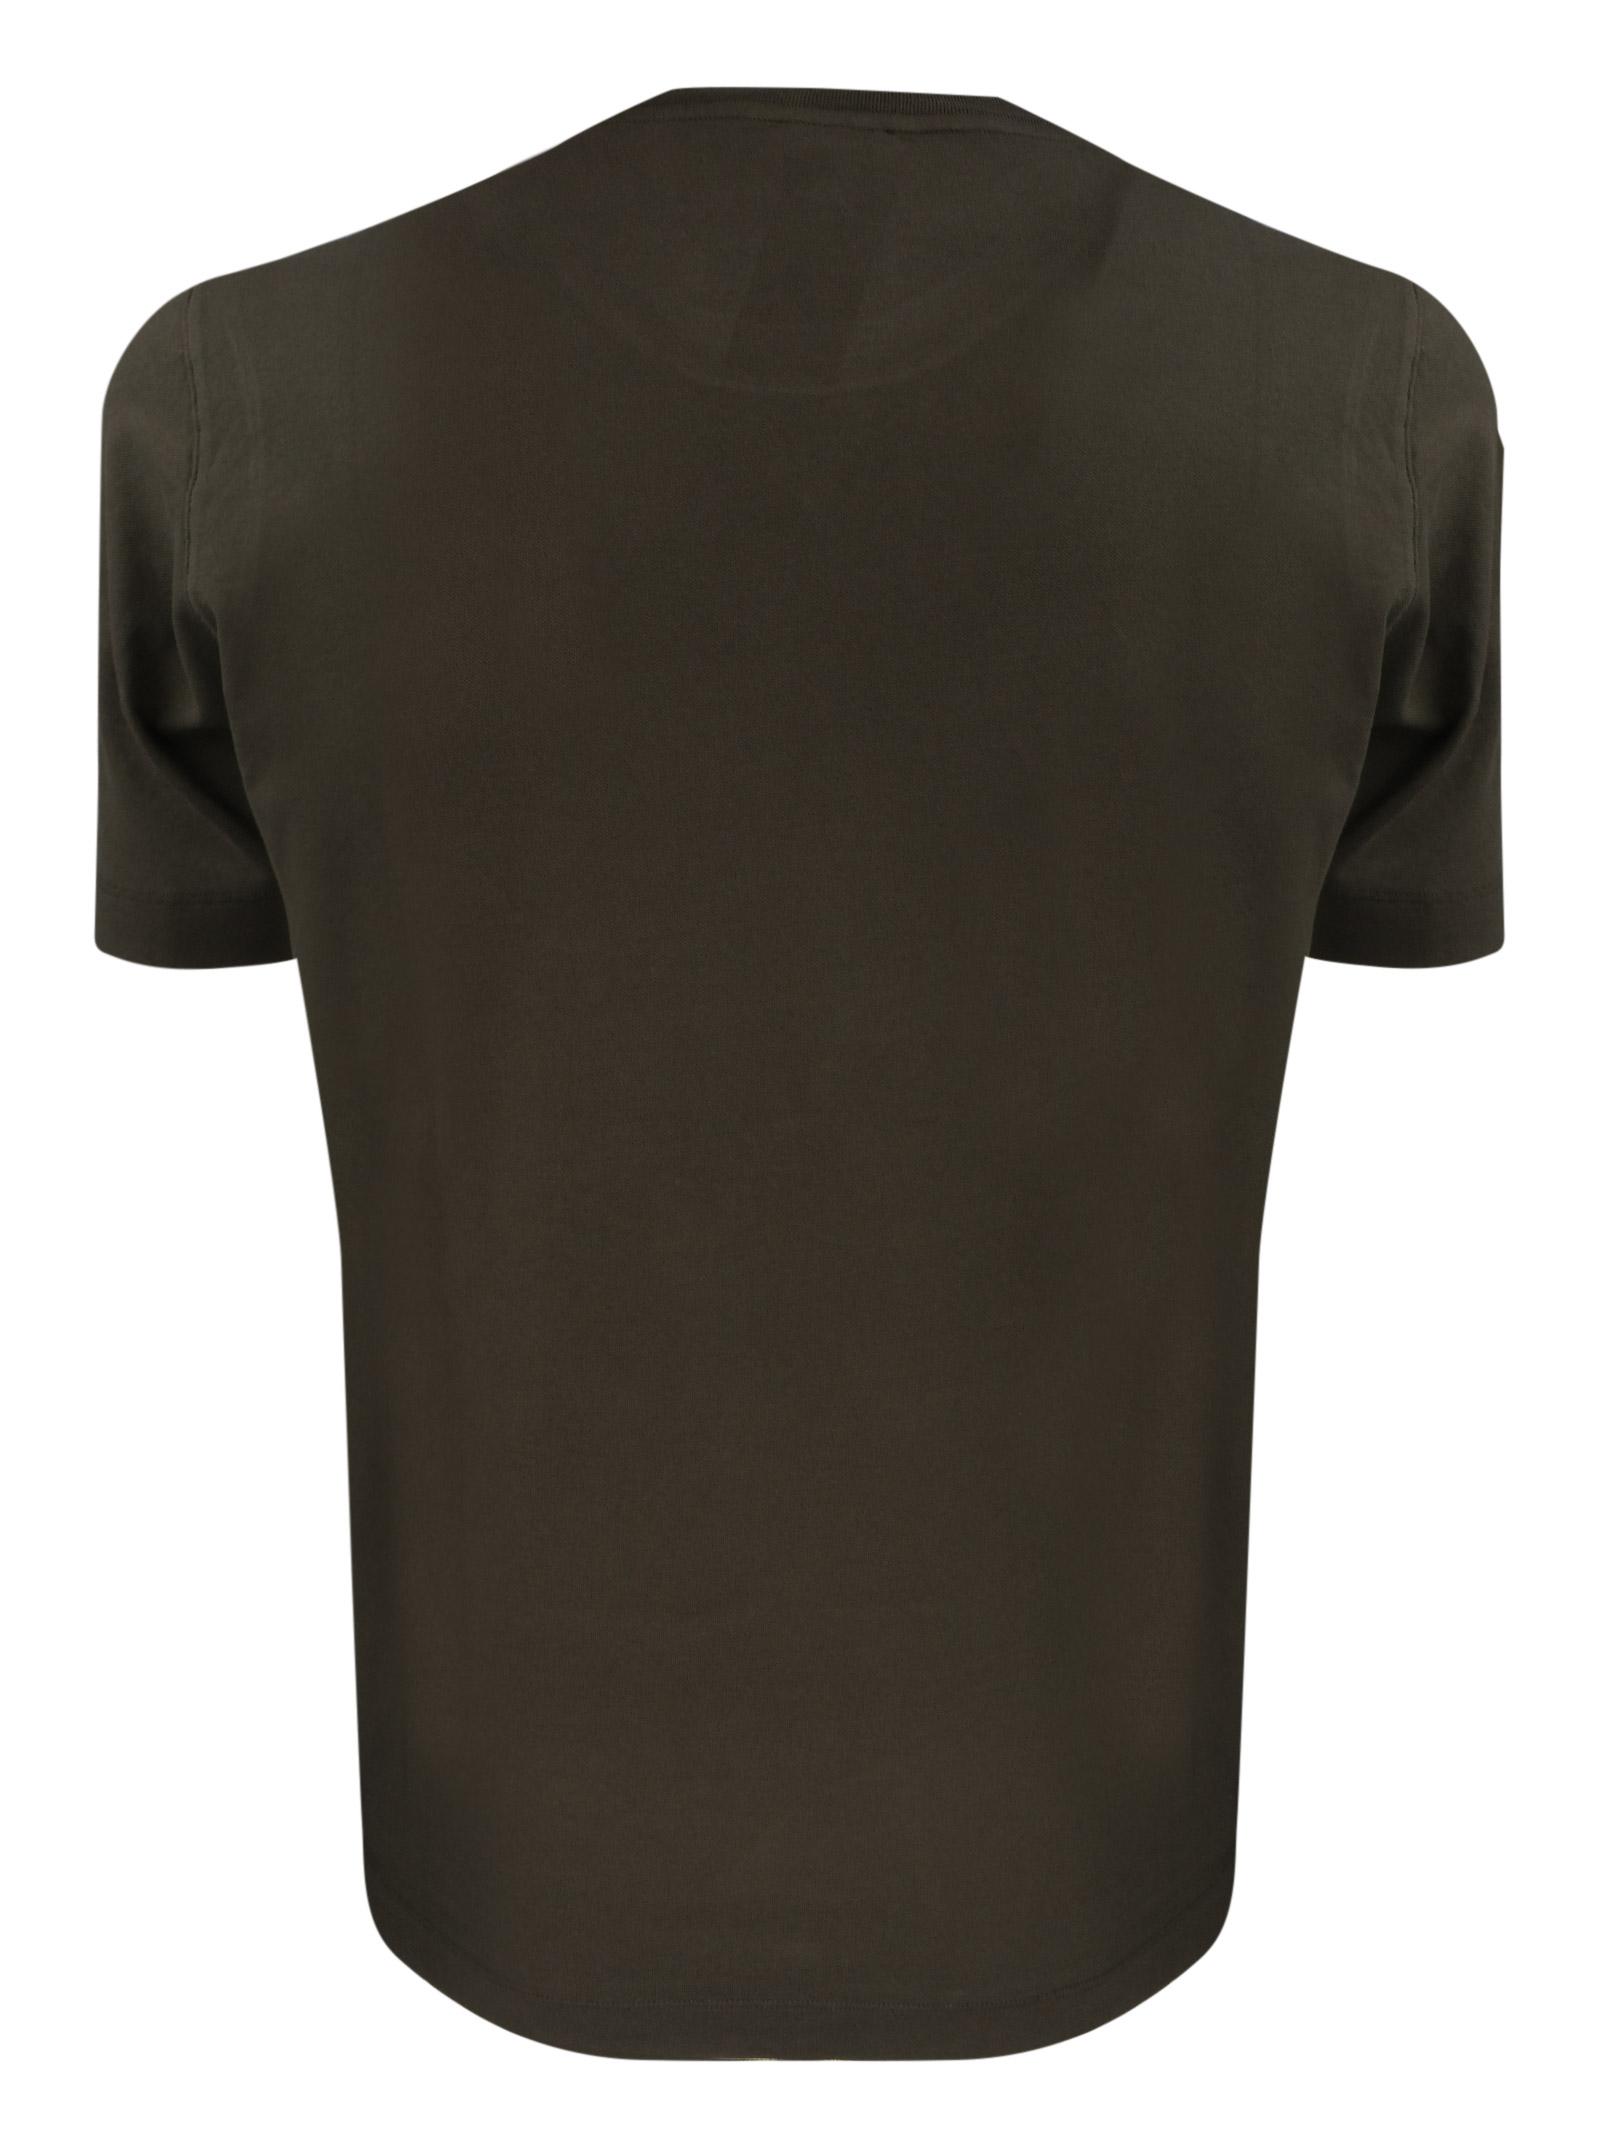 T- shirt in micro piquet H953 | T- shirt | 325715